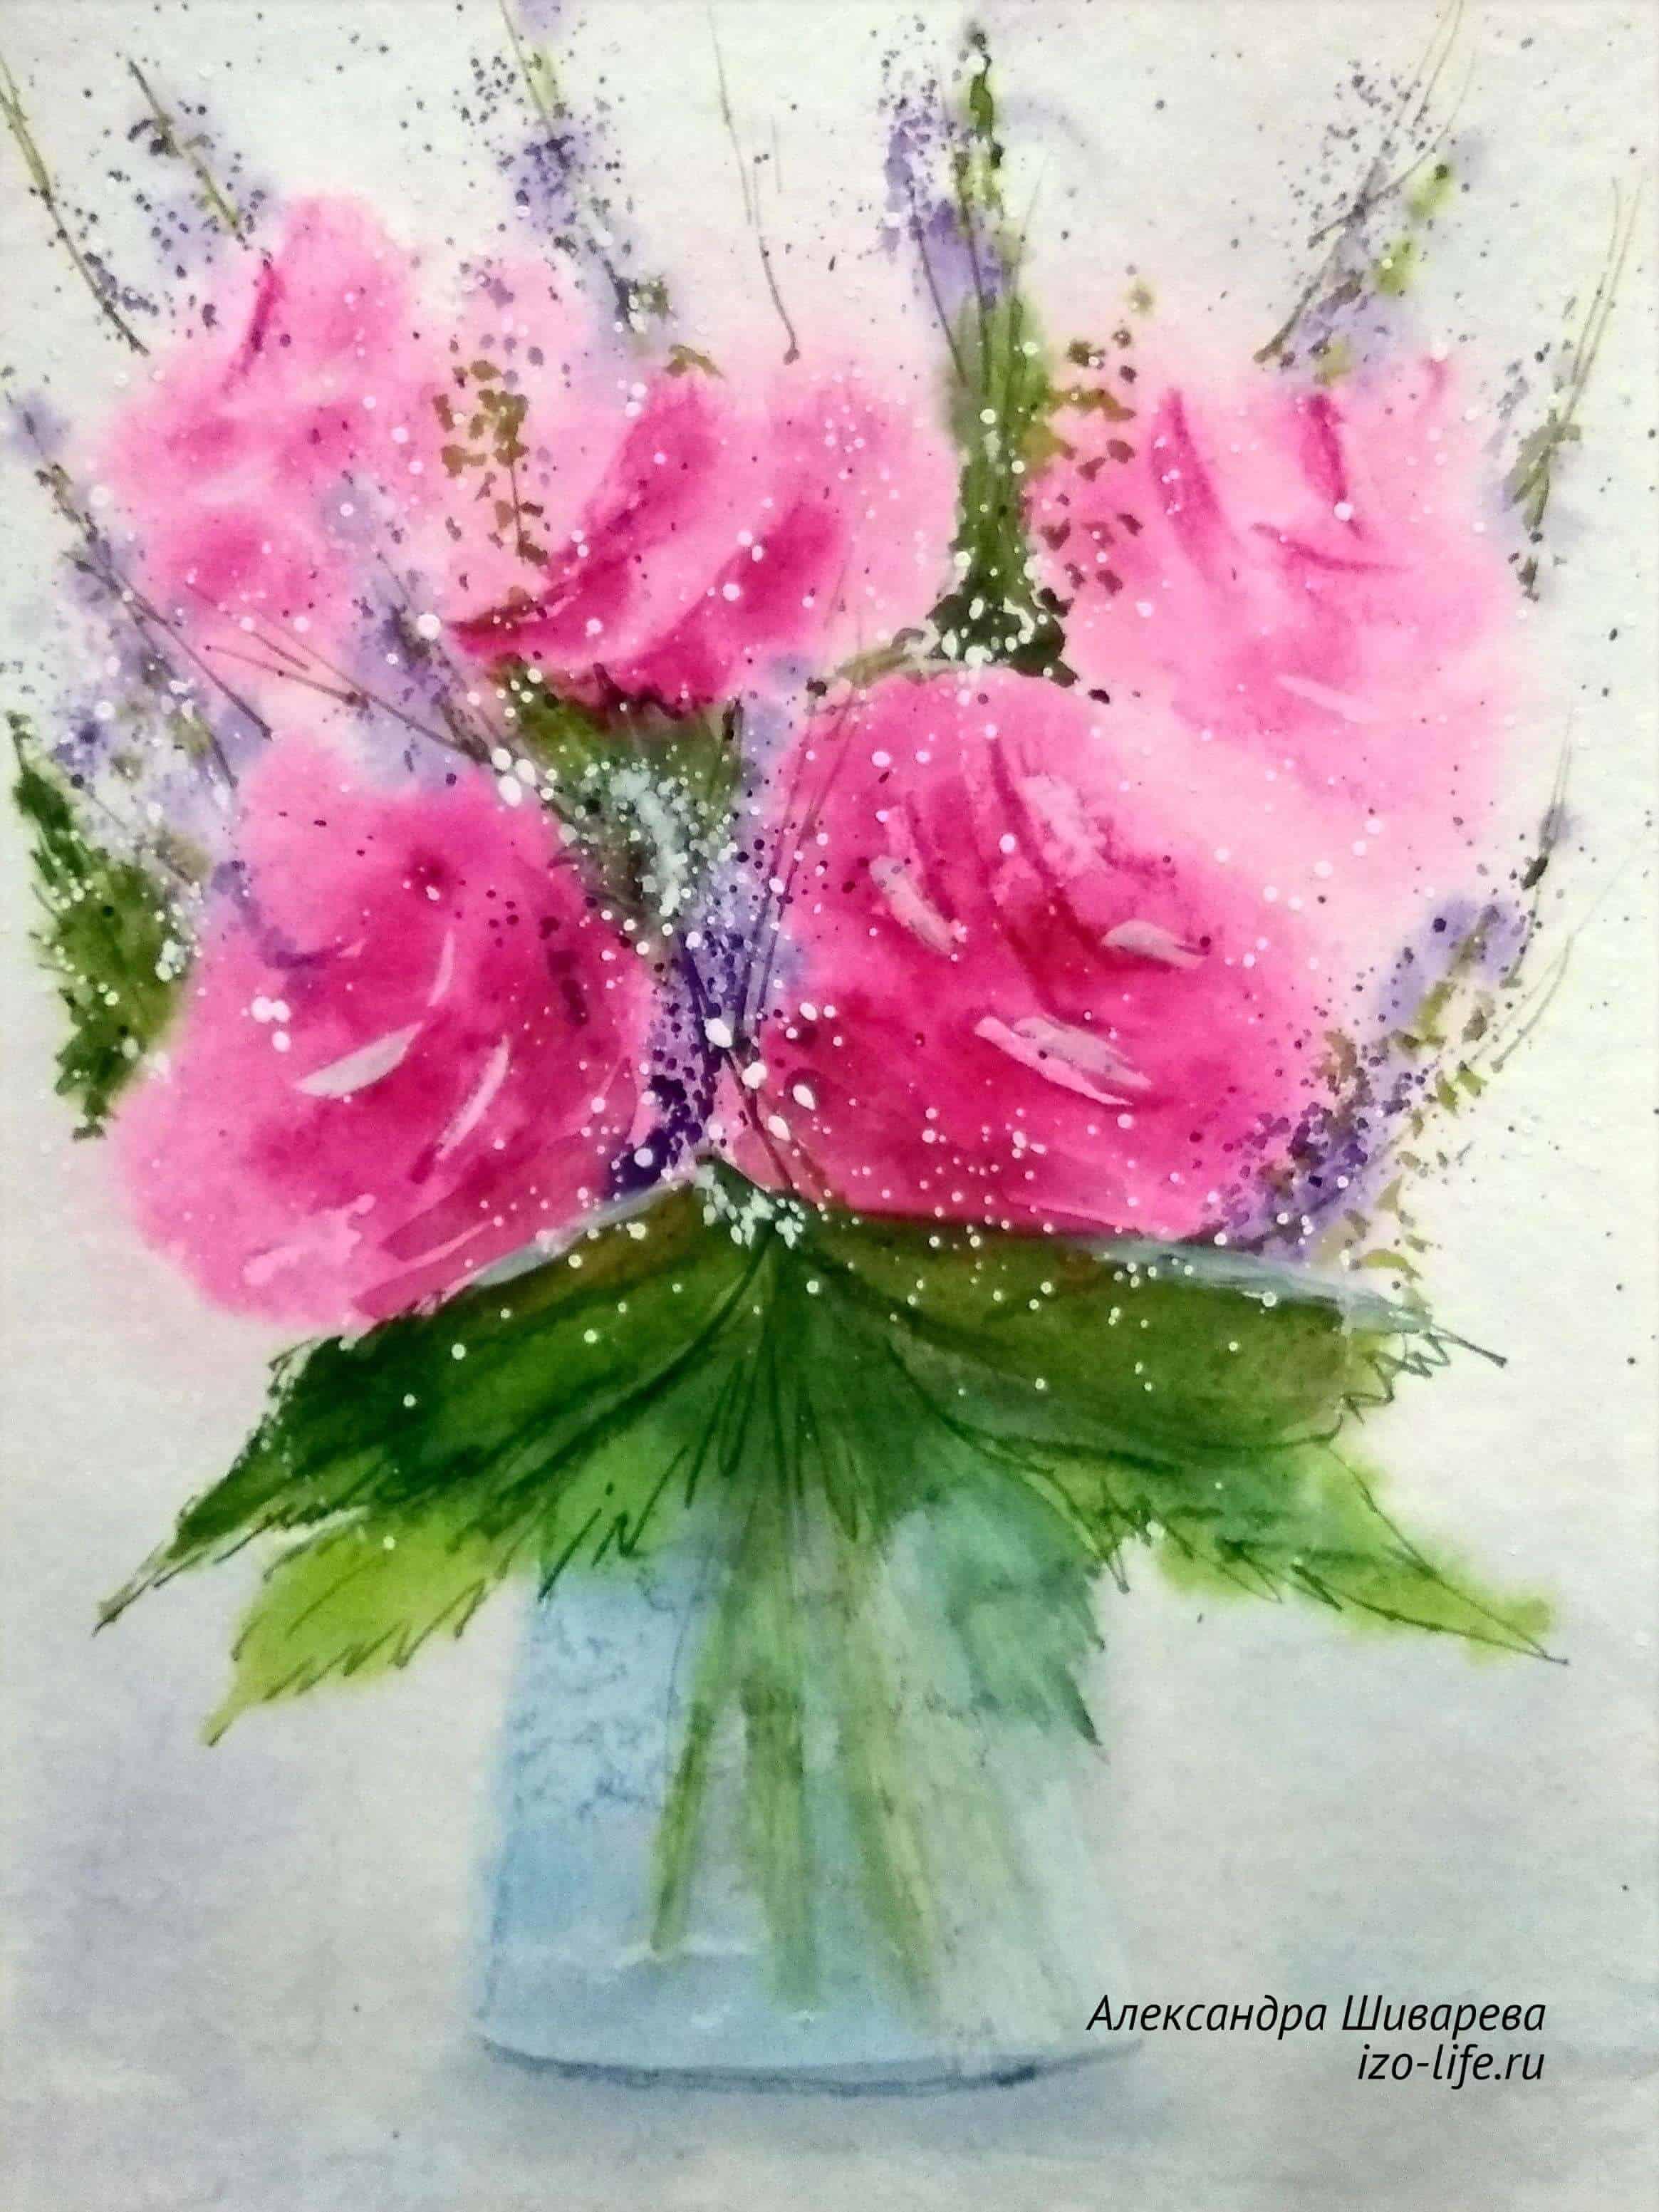 Акварельные цветы акварельная живопись рисование, акварельные цветы, иллюстрация розовый цветок png | hotpng